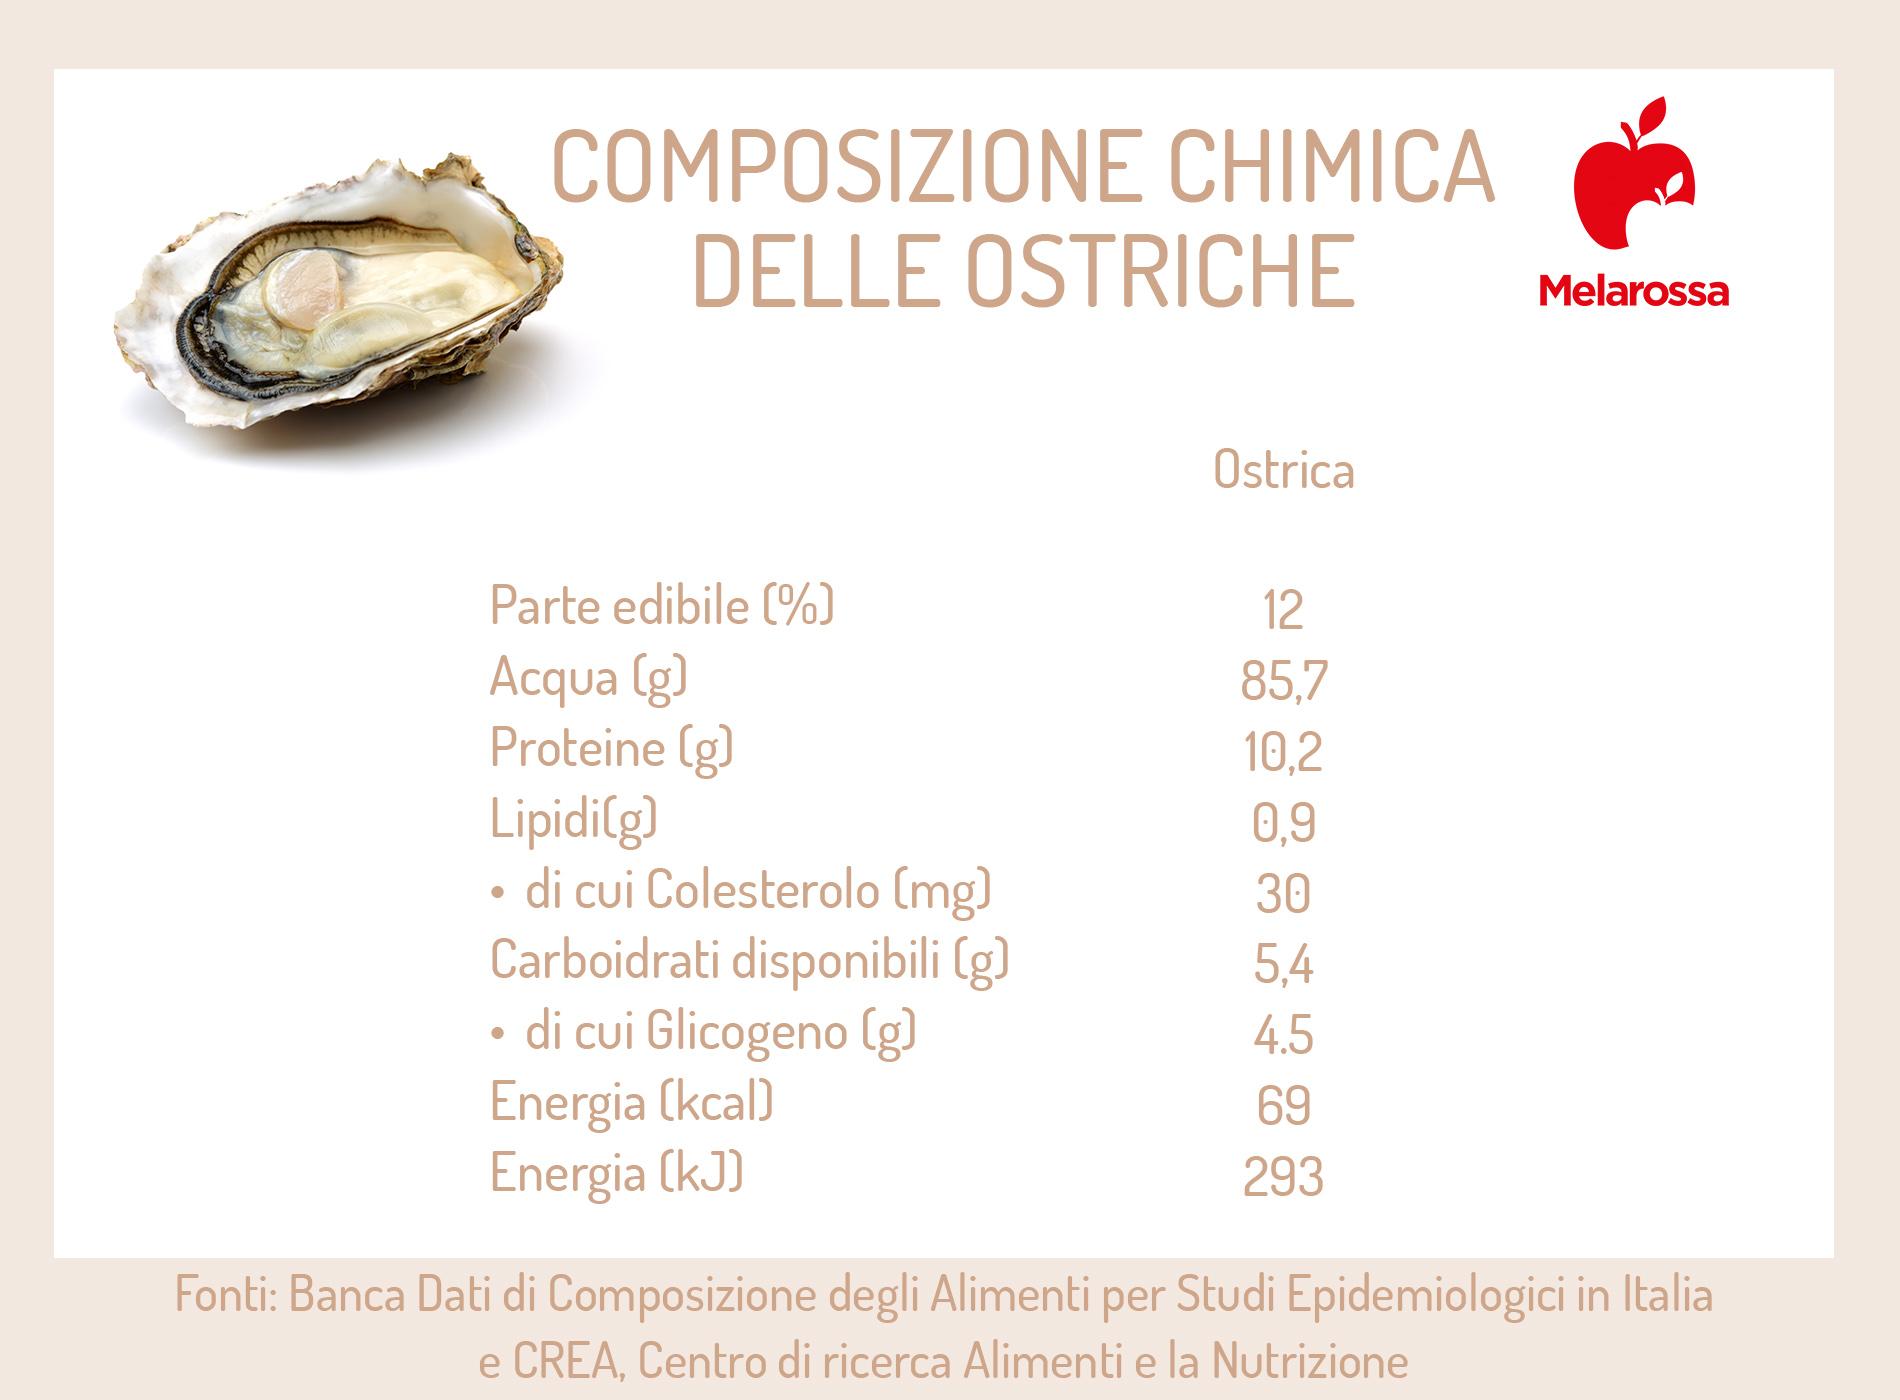 ostriche: composizione chimica